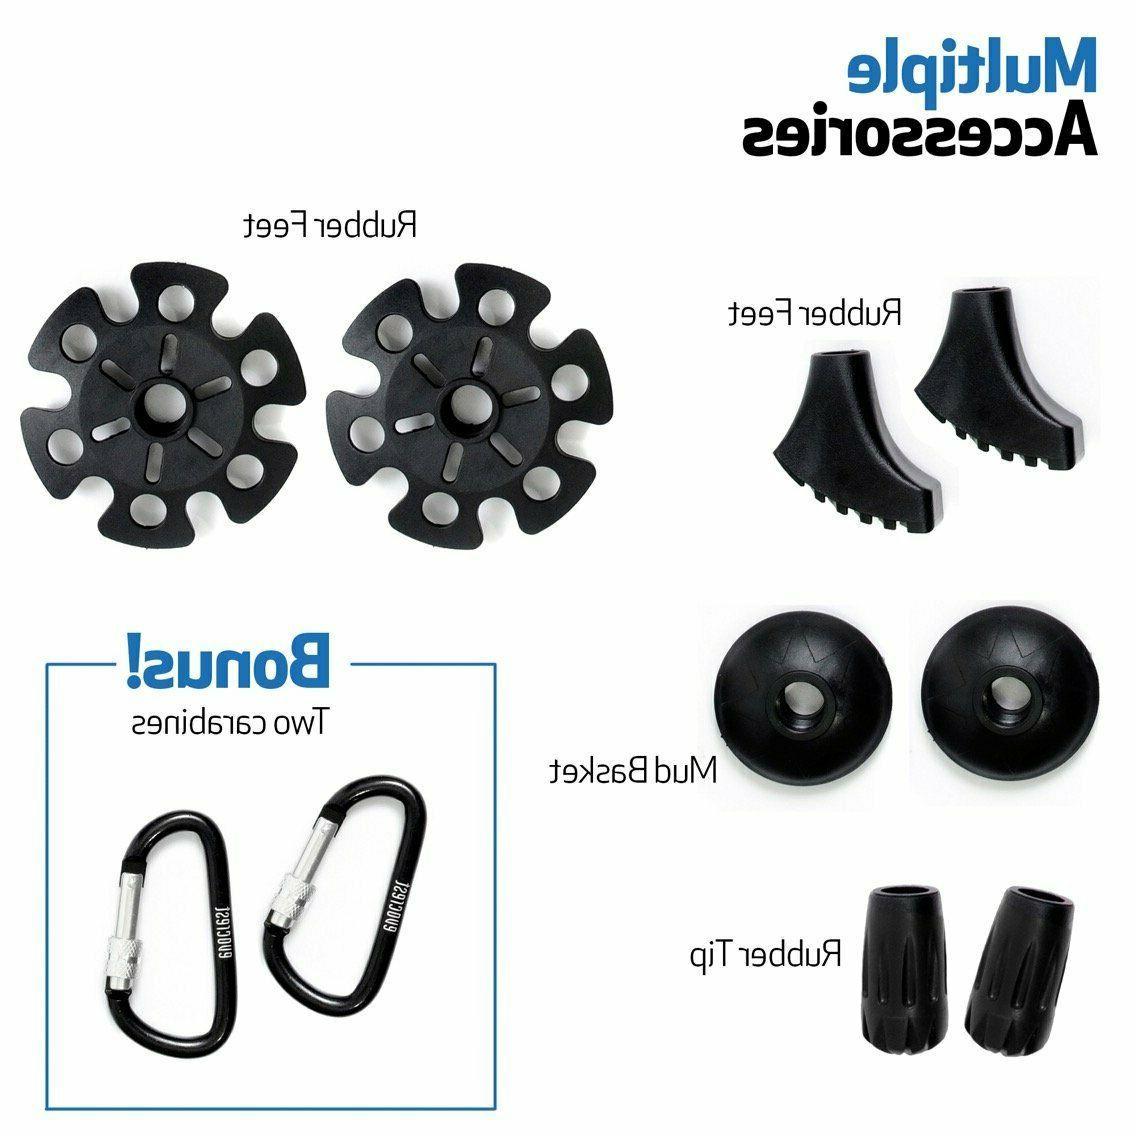 Carbon Fiber - Ultra Lightweight